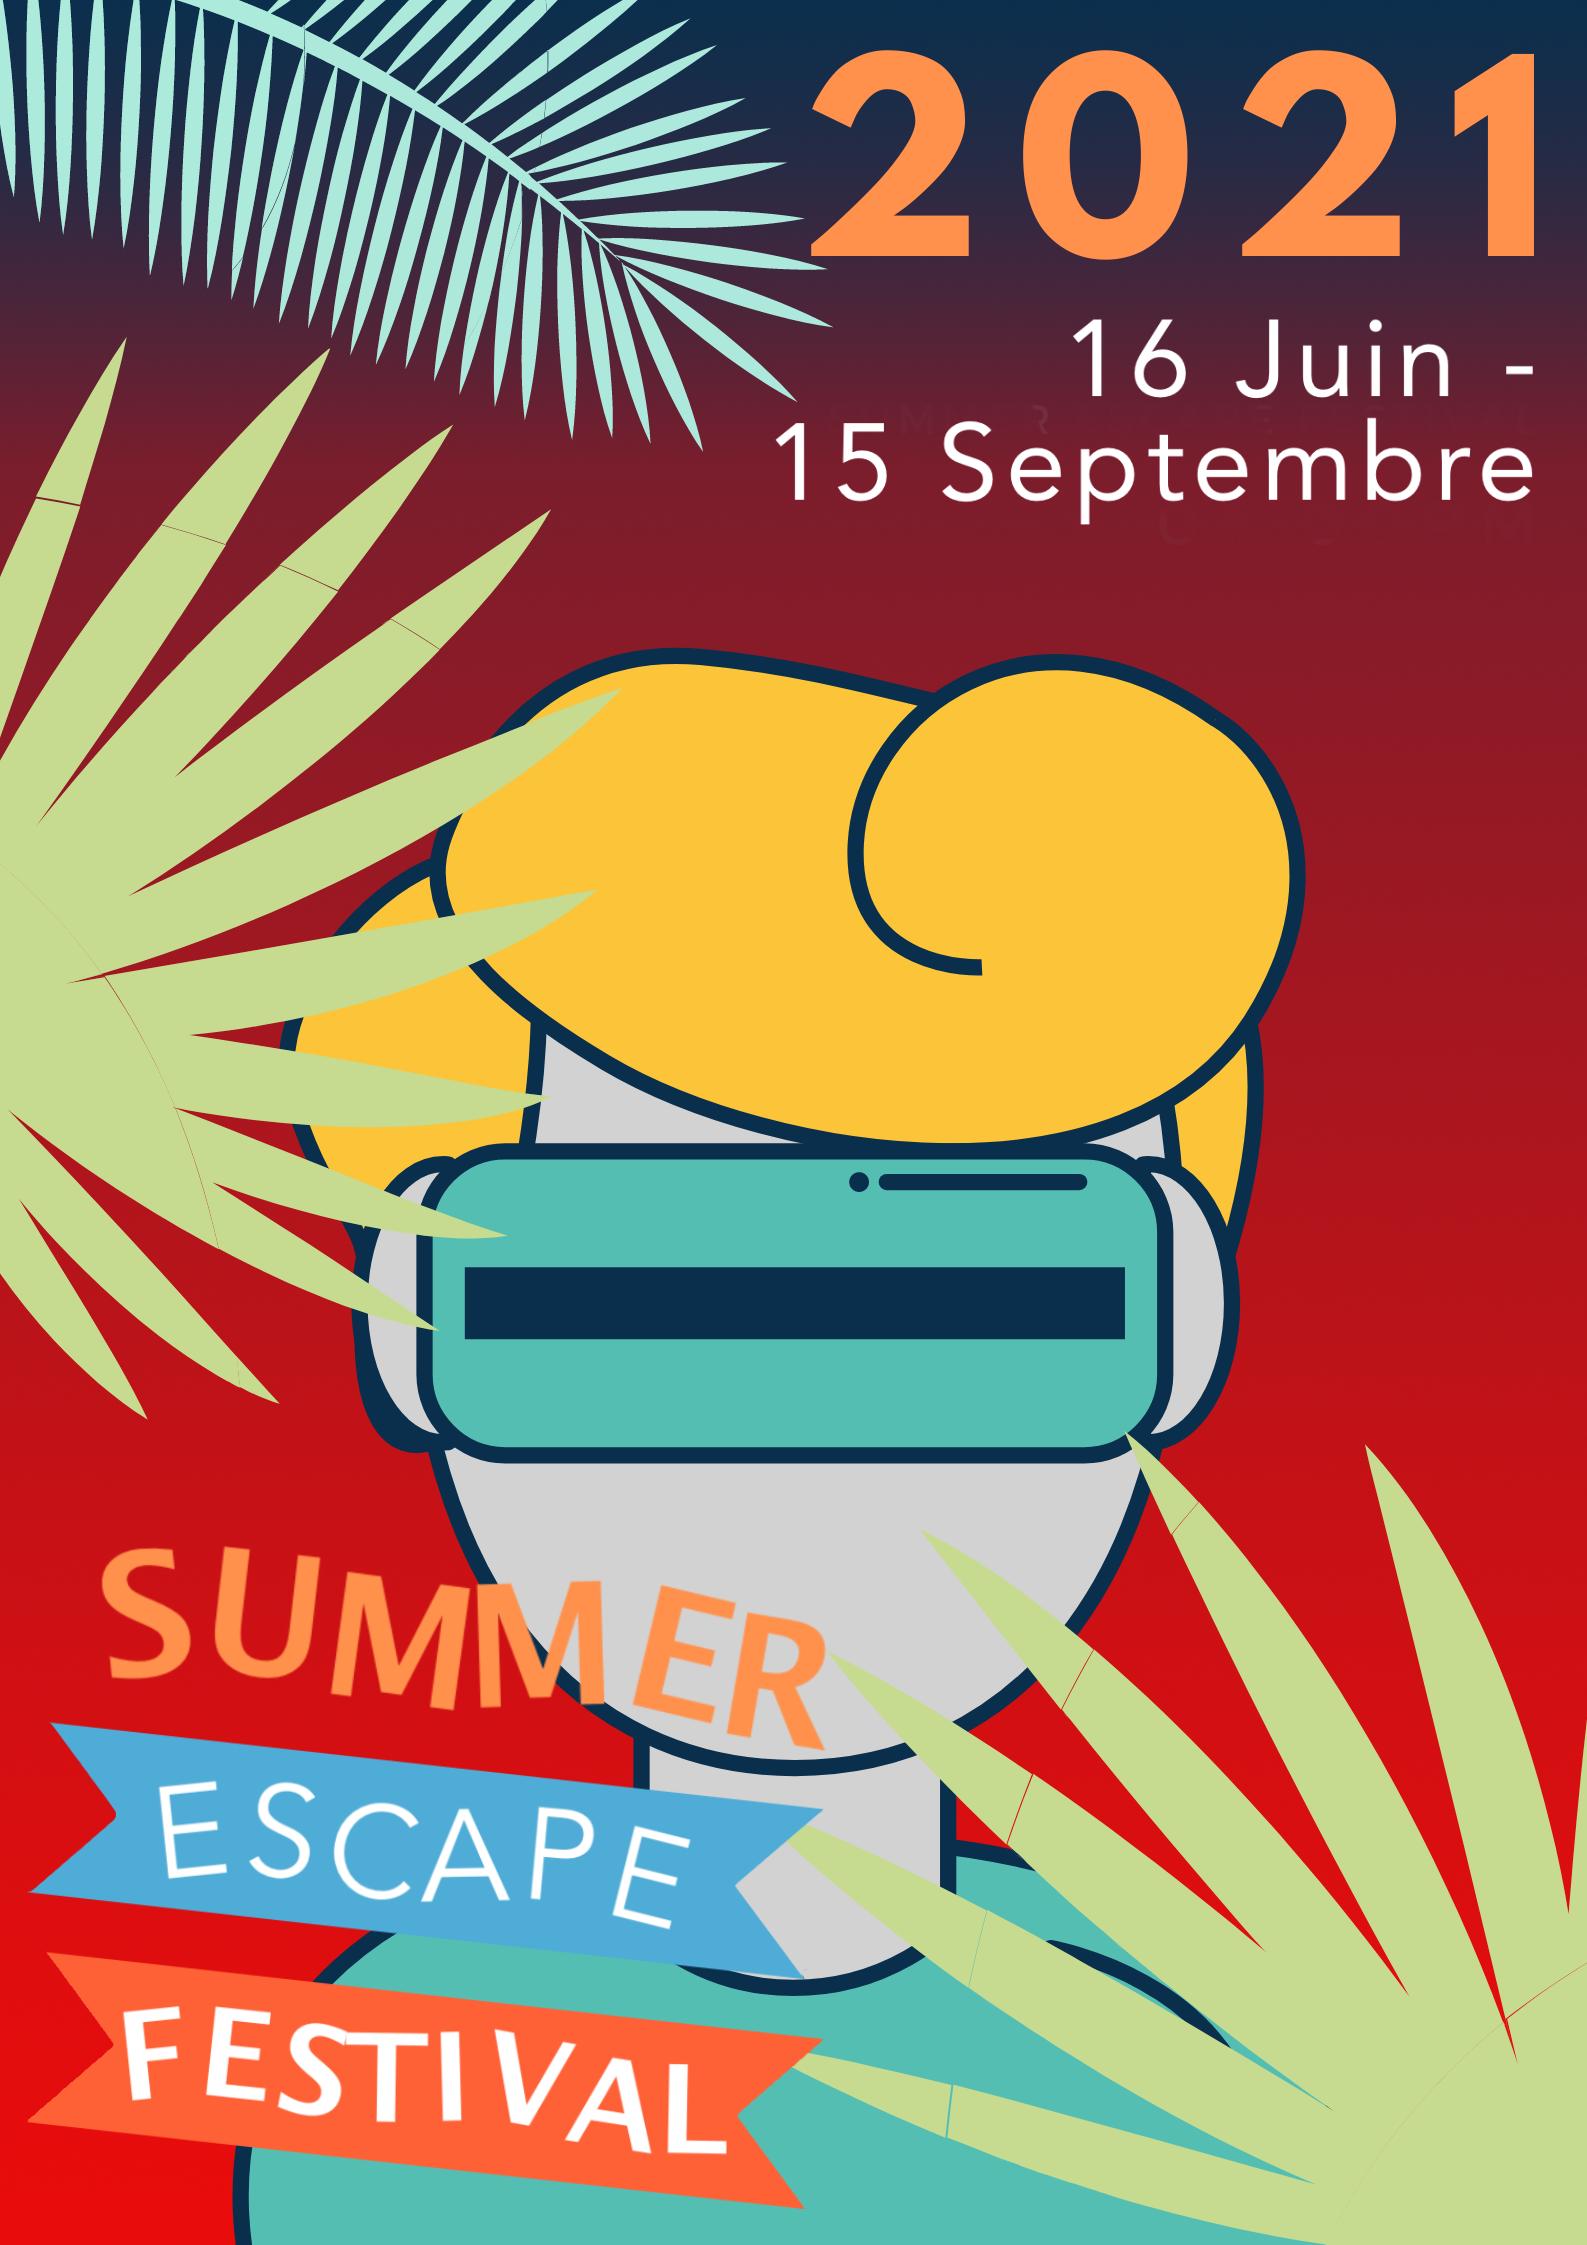 Summer Escape Festival